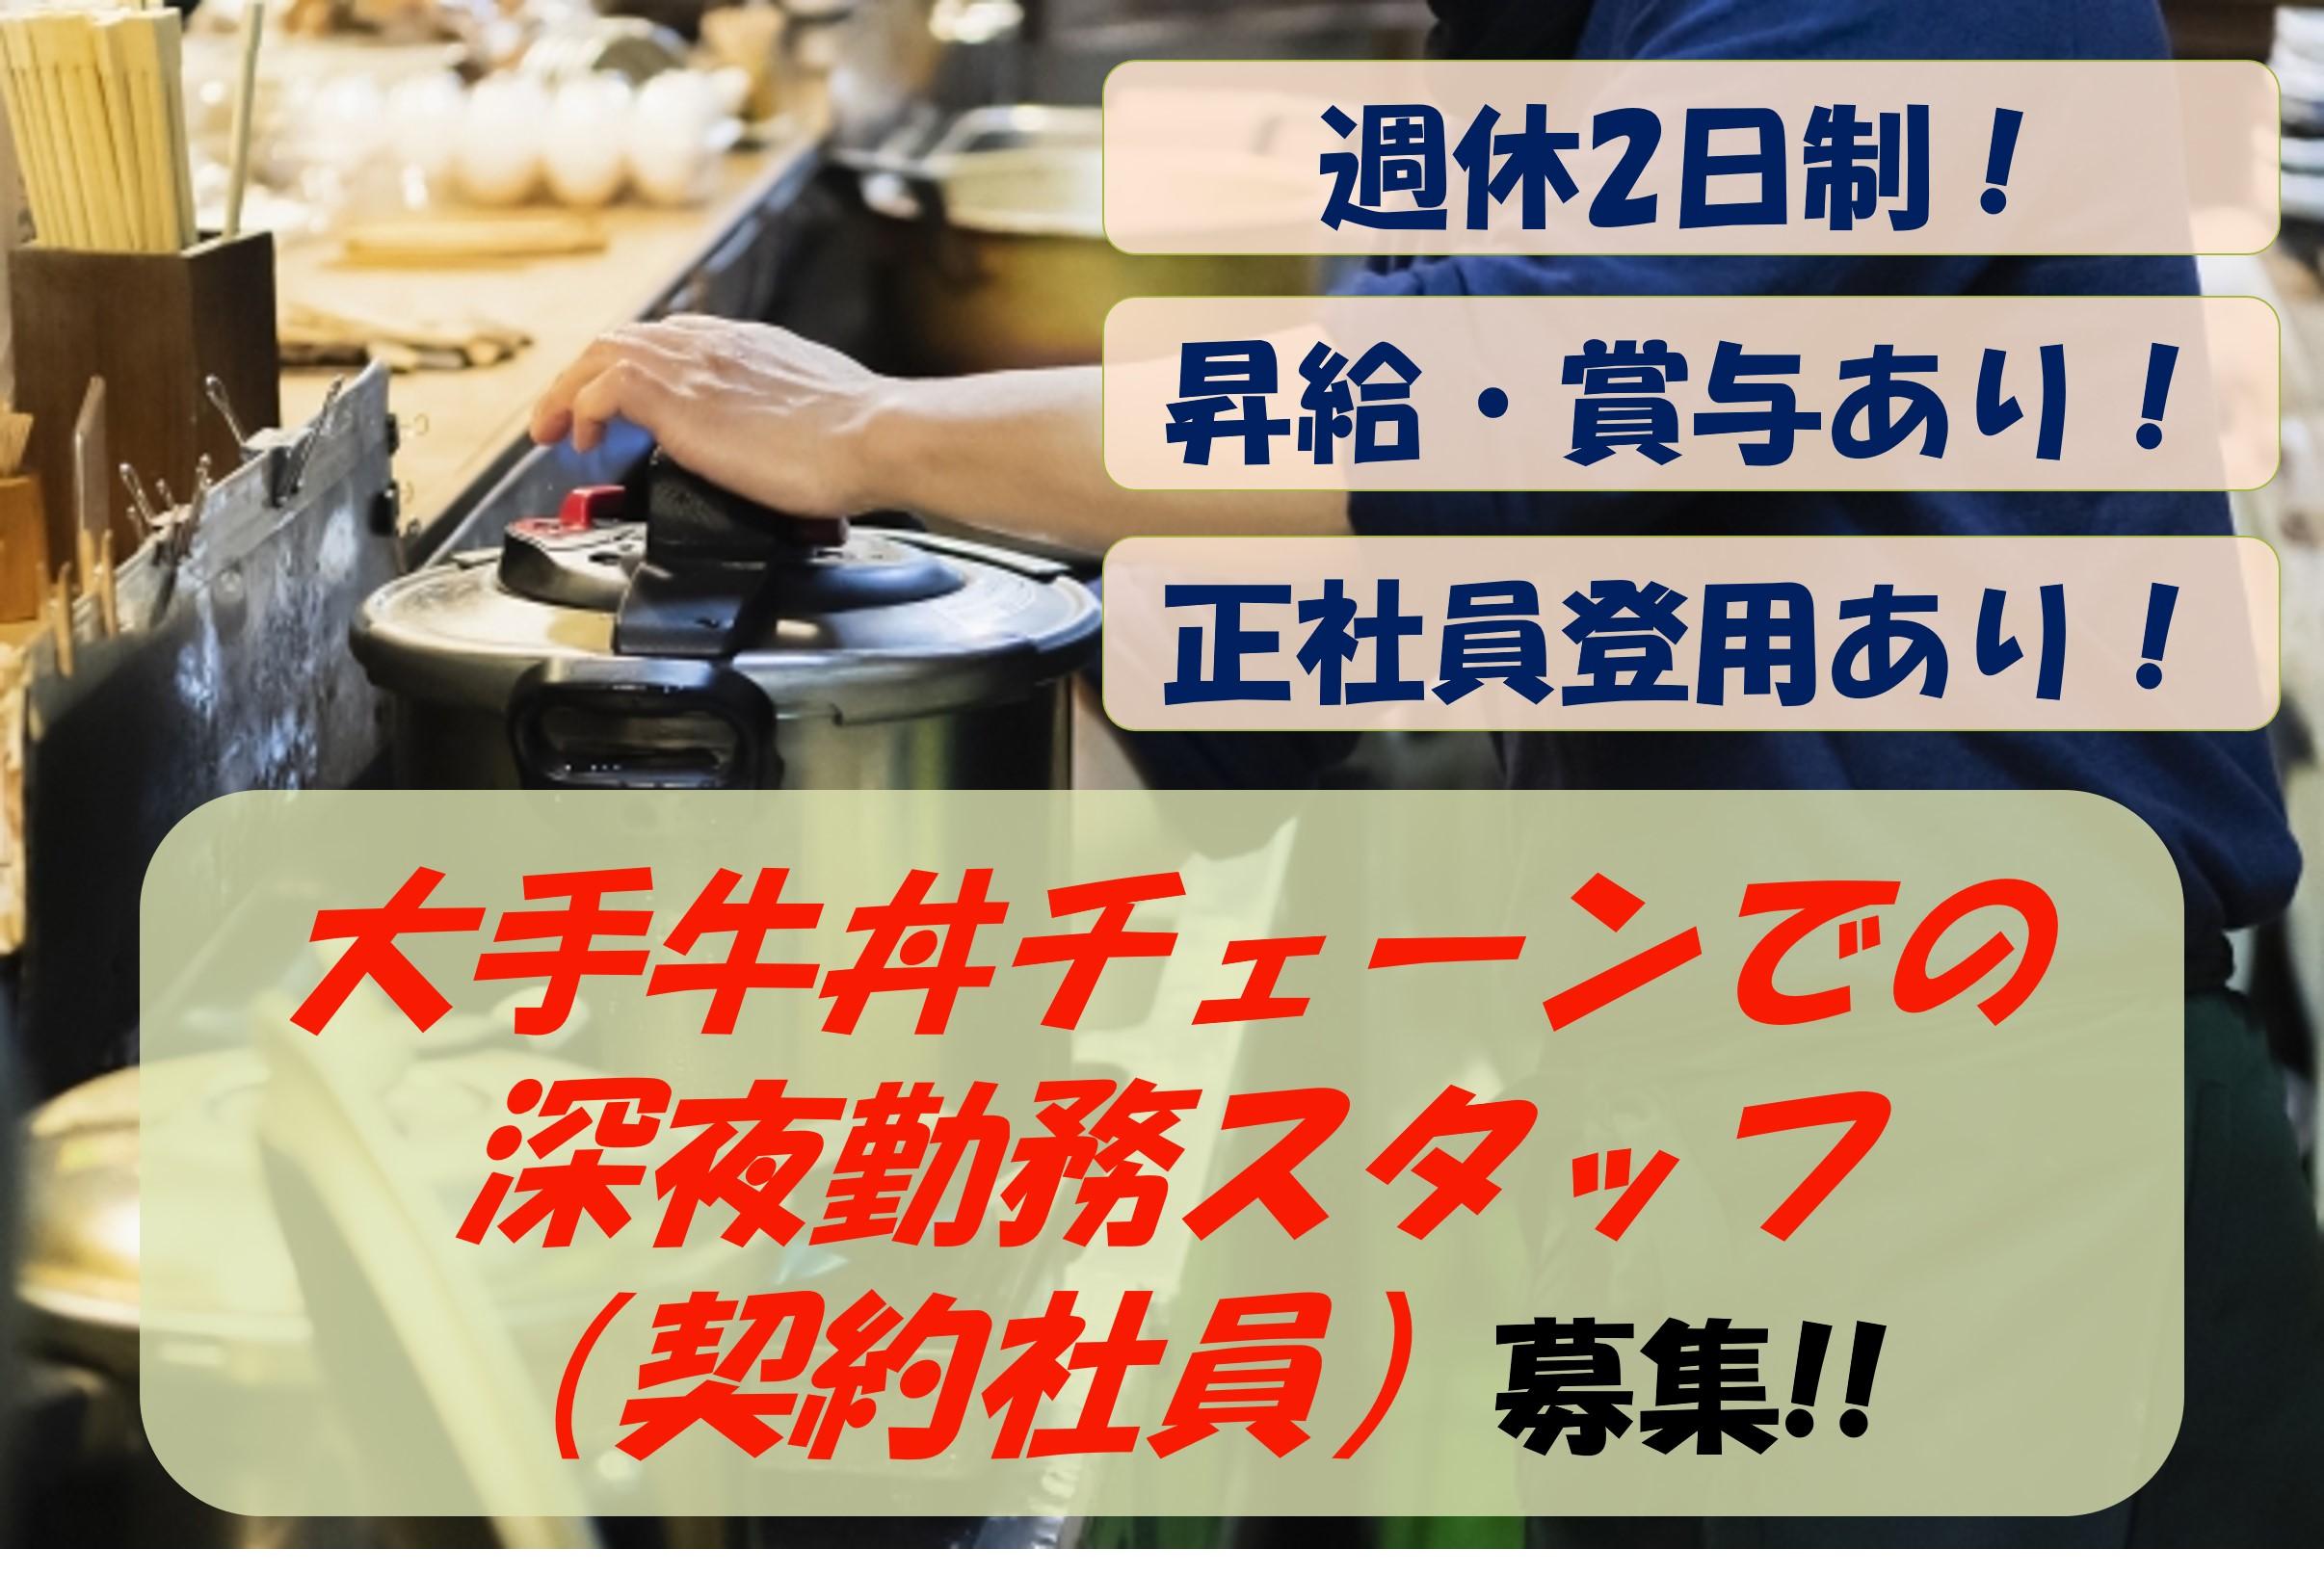 【急募】昇給年4回・賞与年2回!転勤なし!牛丼屋の深夜勤務スタッフ募集 イメージ